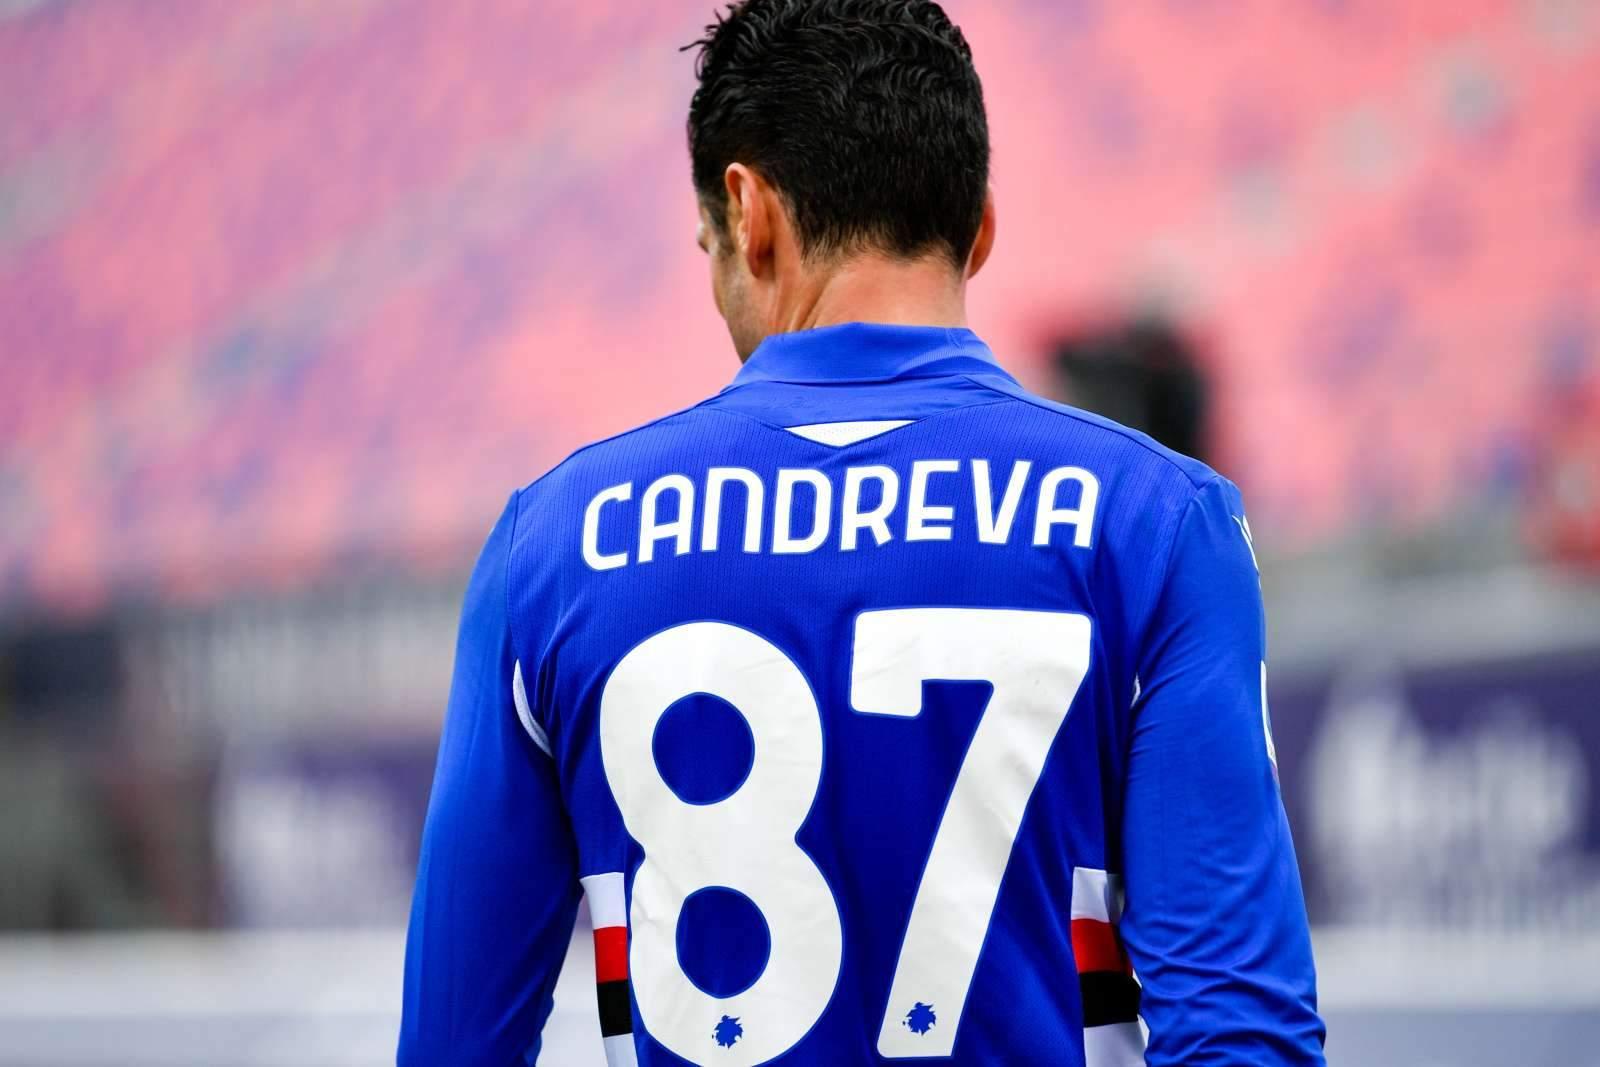 «Милан» планирует подписать Кандреву